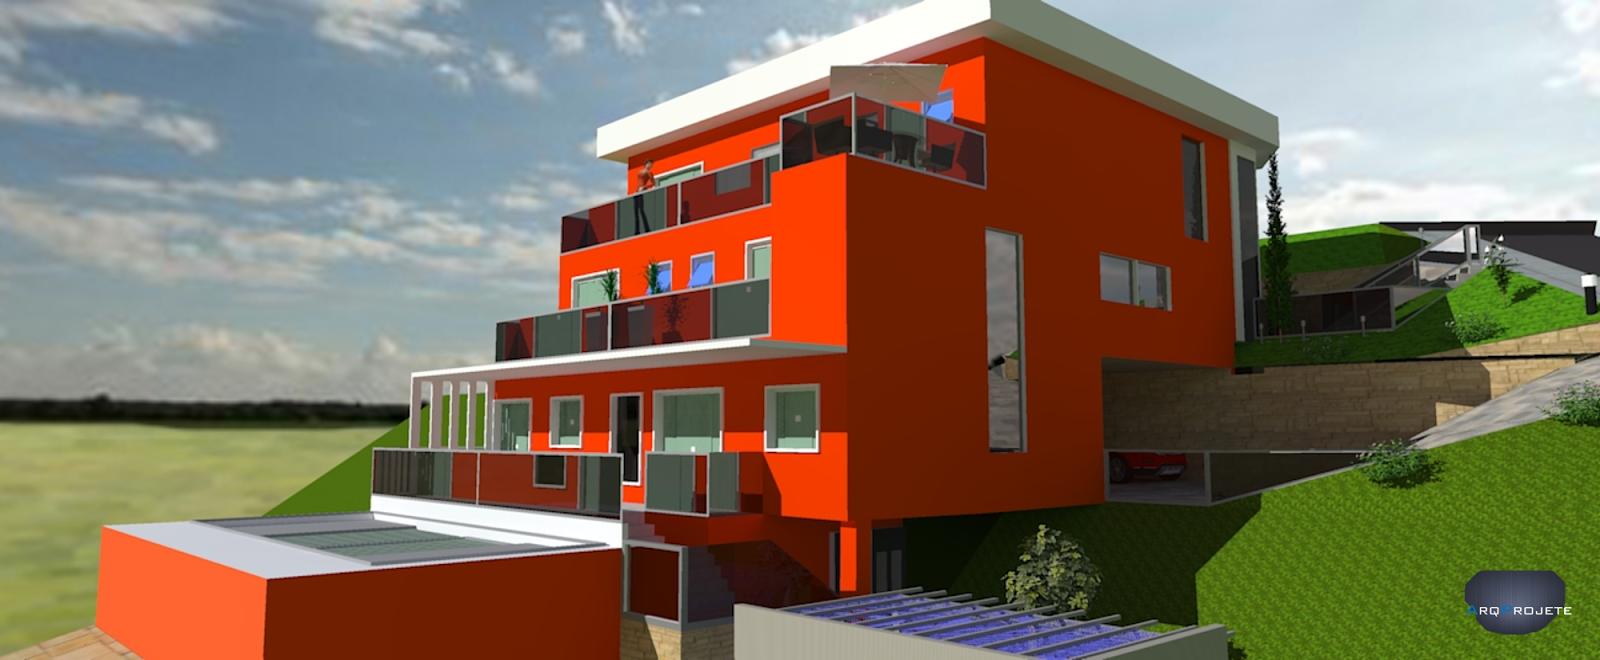 Seguindo oterreno, a residência está fixada em 5 níveis diferentes